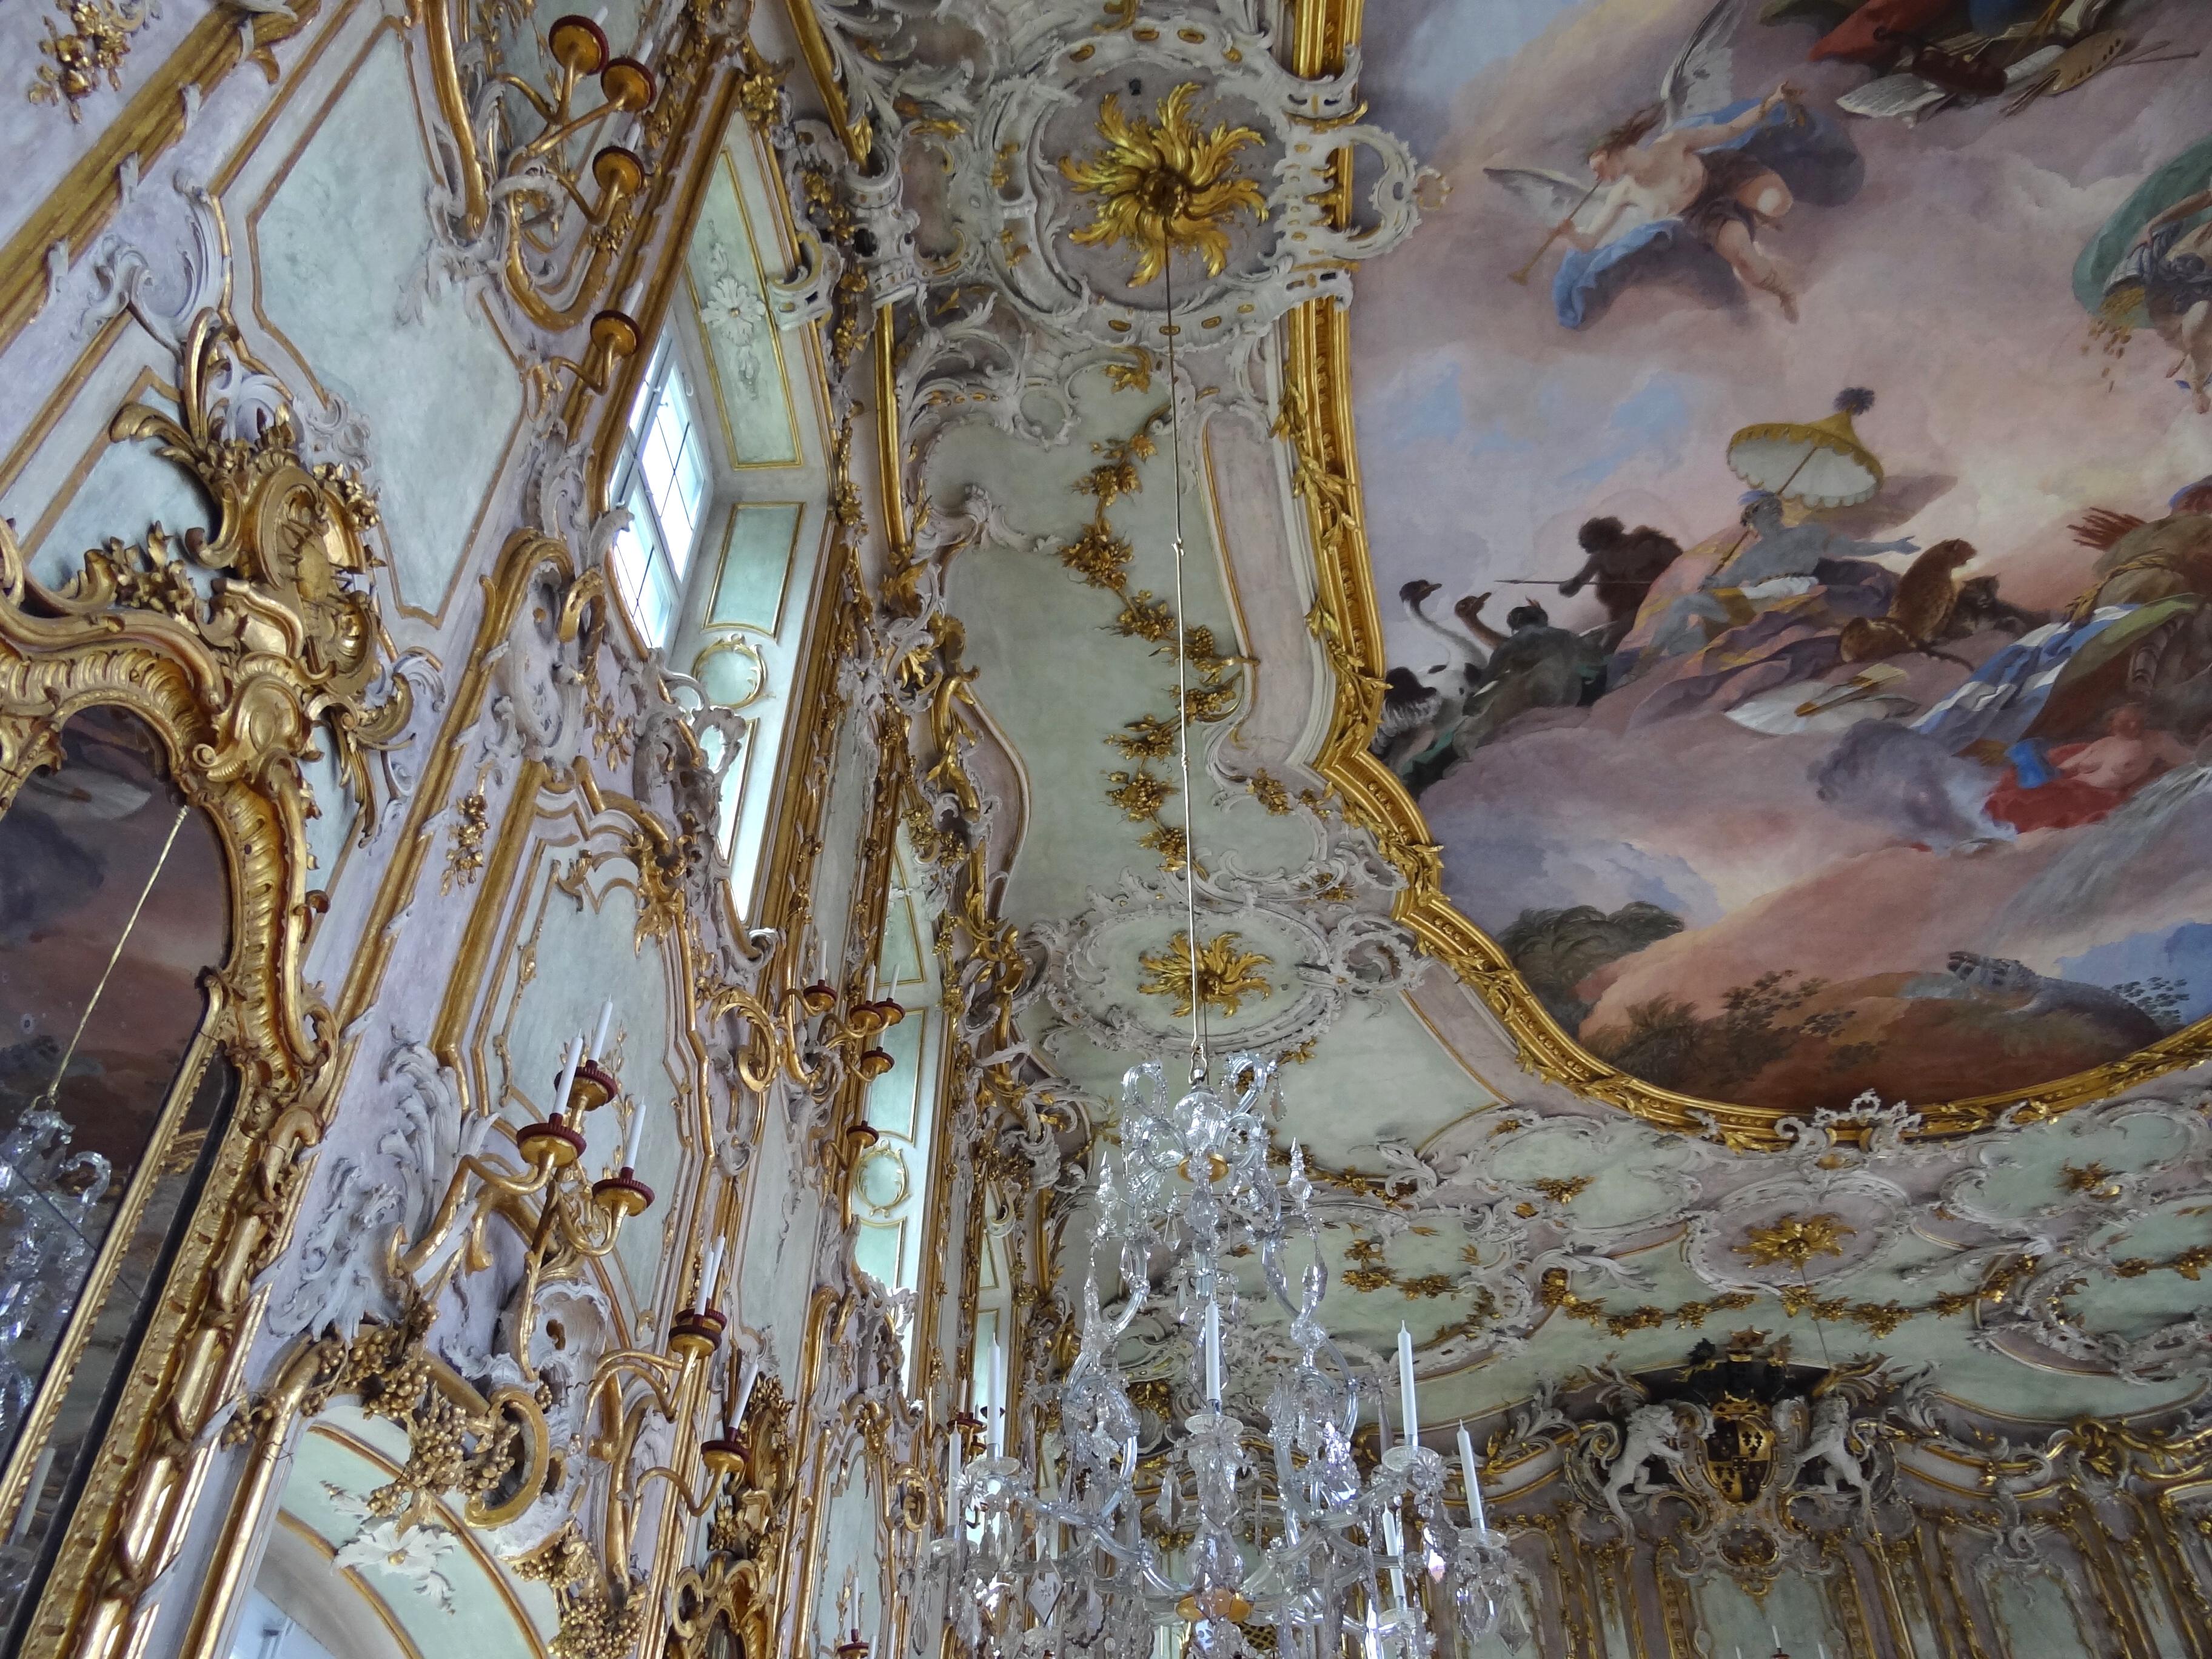 巴洛克艺术Baroque Art - 水木白艺术坊 - 贵阳画室 高考美术培训